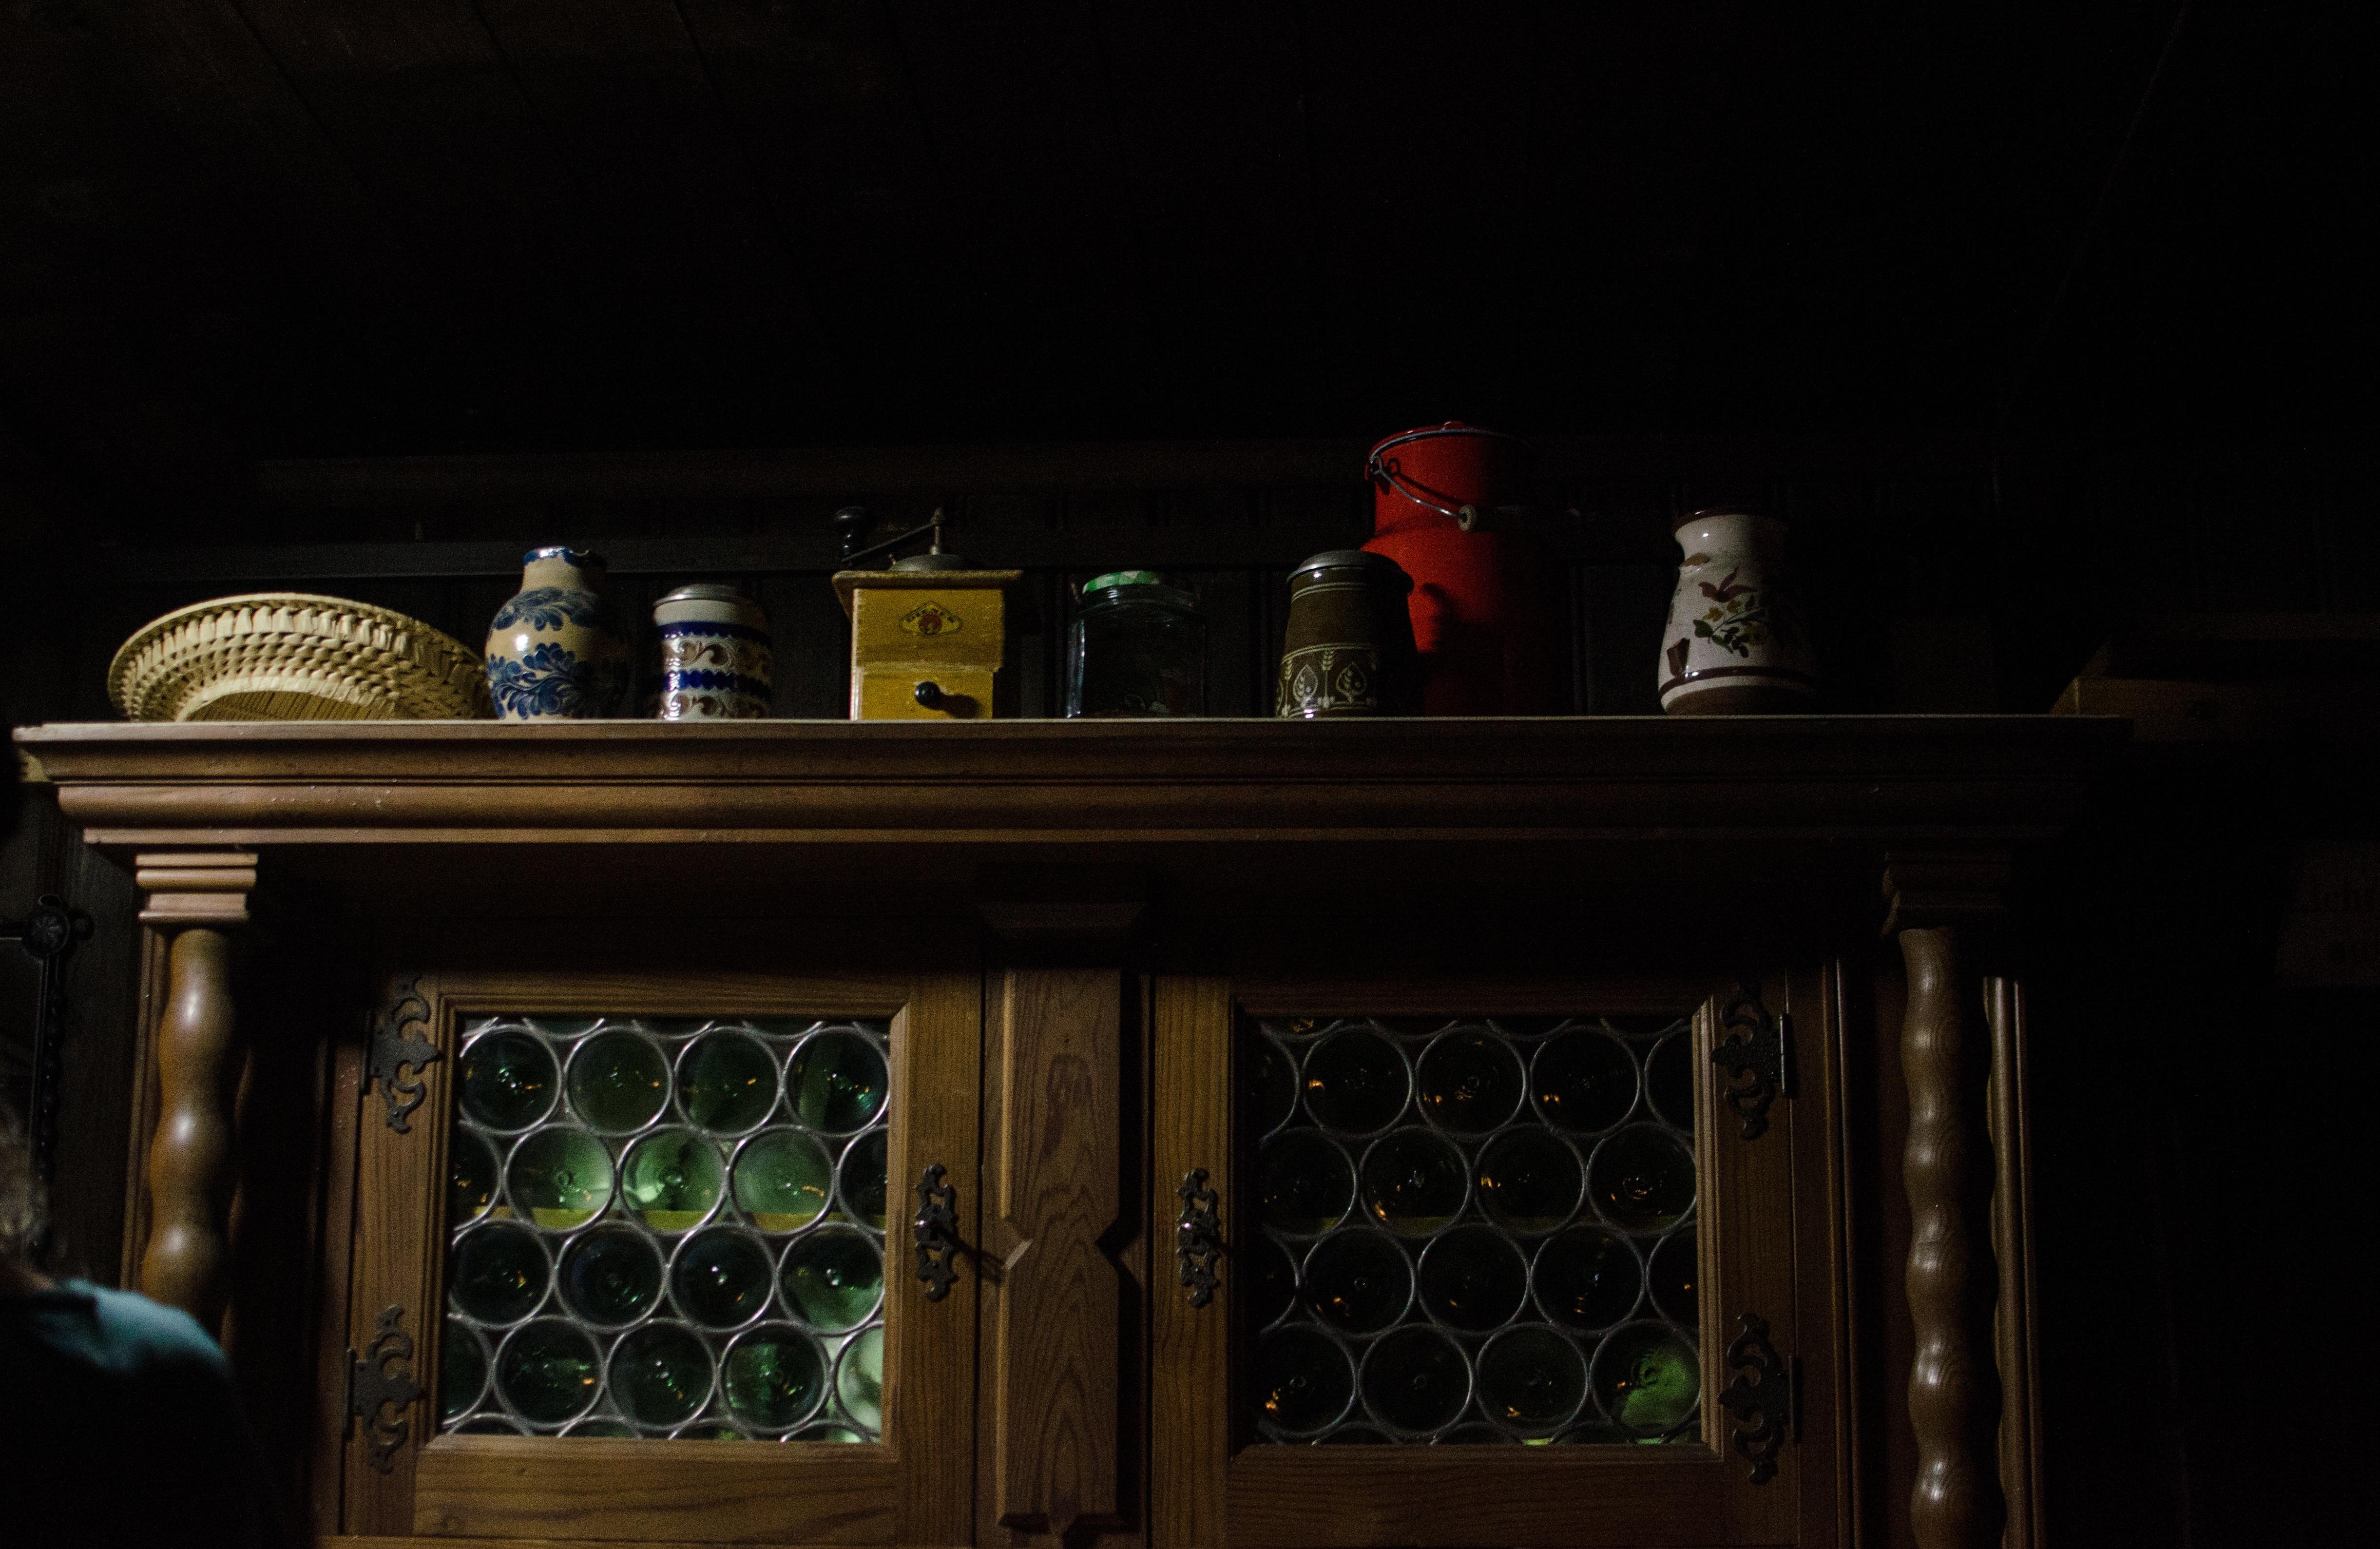 Fotos Gratis Ligero Noche Vaso Bar Oscuridad Mueble  # Muebles Pub Irlandes